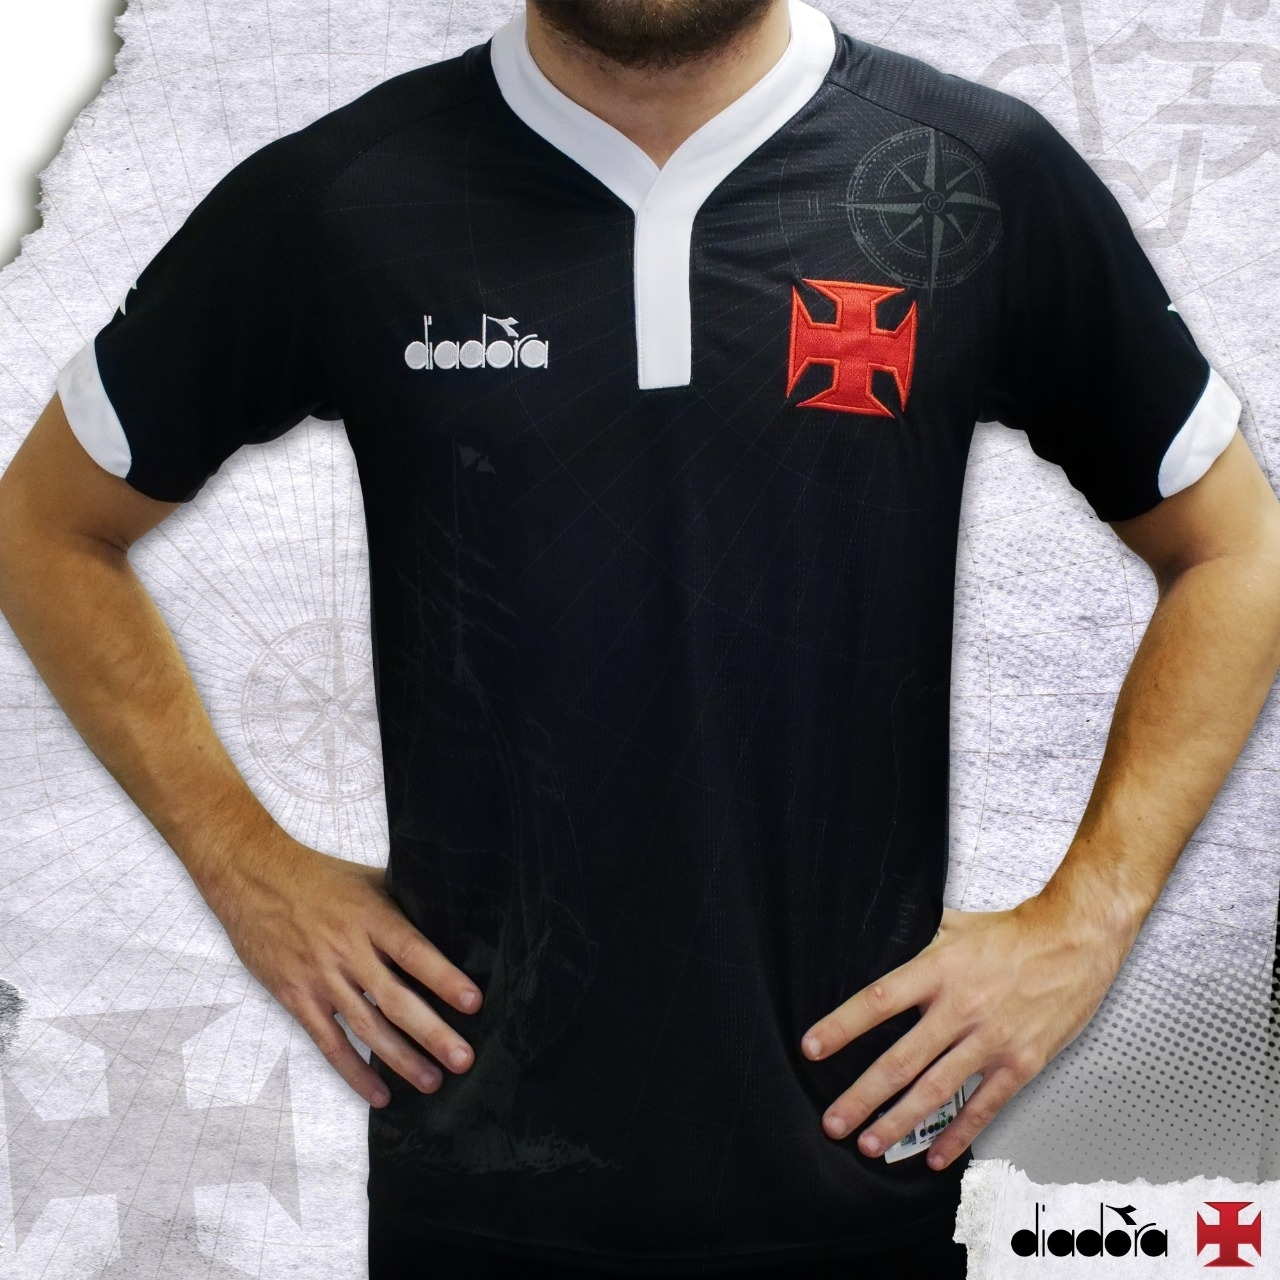 Vasco capricha em nova camisa 3 inteira preta  8bbdfbf39a89a